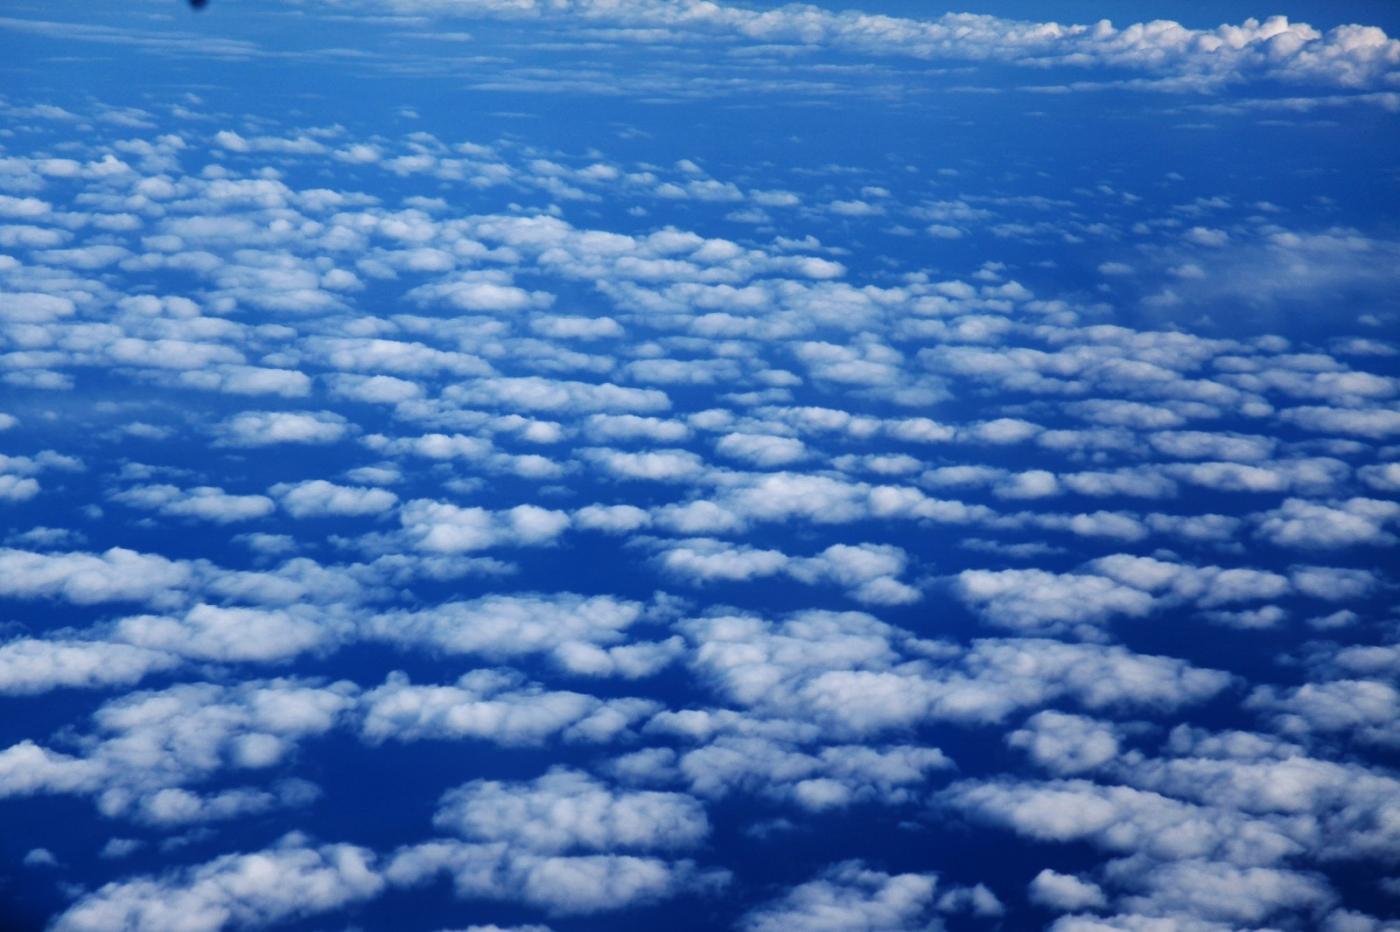 从纽约乘wow班机赴冰岛旅游,从班机的窗口看到:白云翻滚,赏心悦目,堪比黄山之云海 ..._图1-8